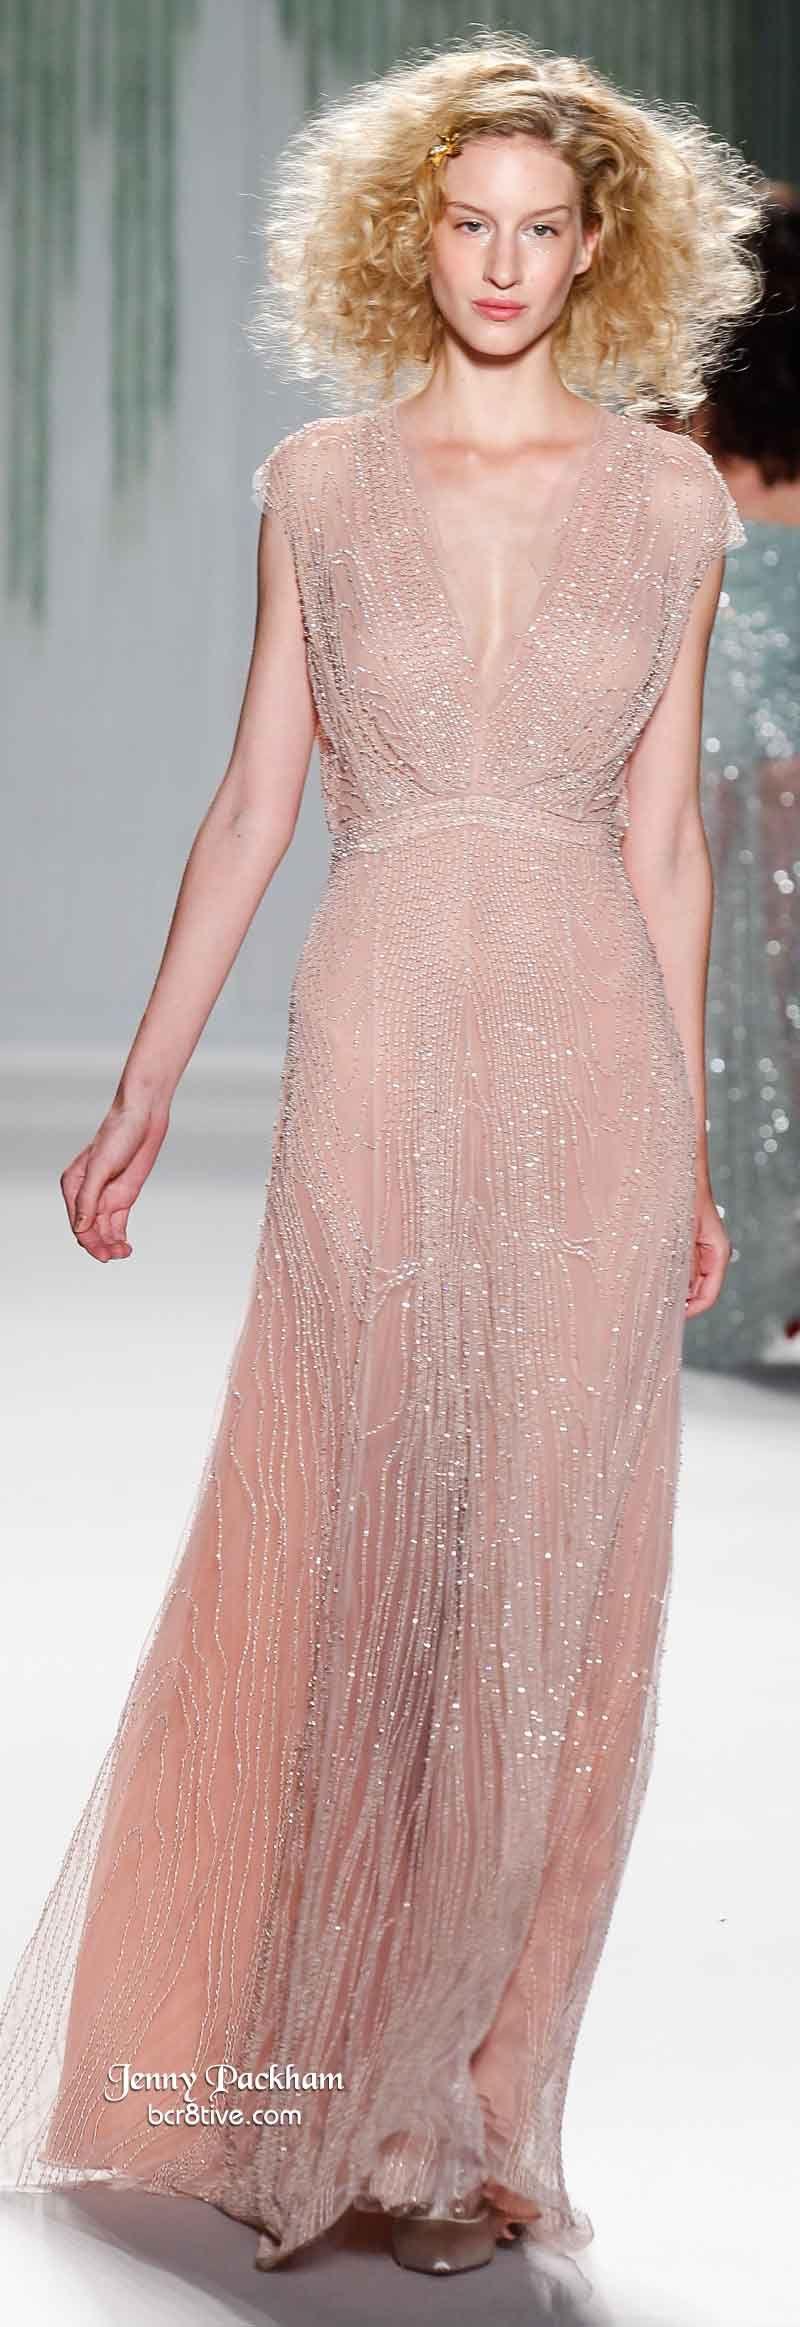 Jenny Packham Spring 2014 | Vestido de ensueño, Vestiditos y Moda ...